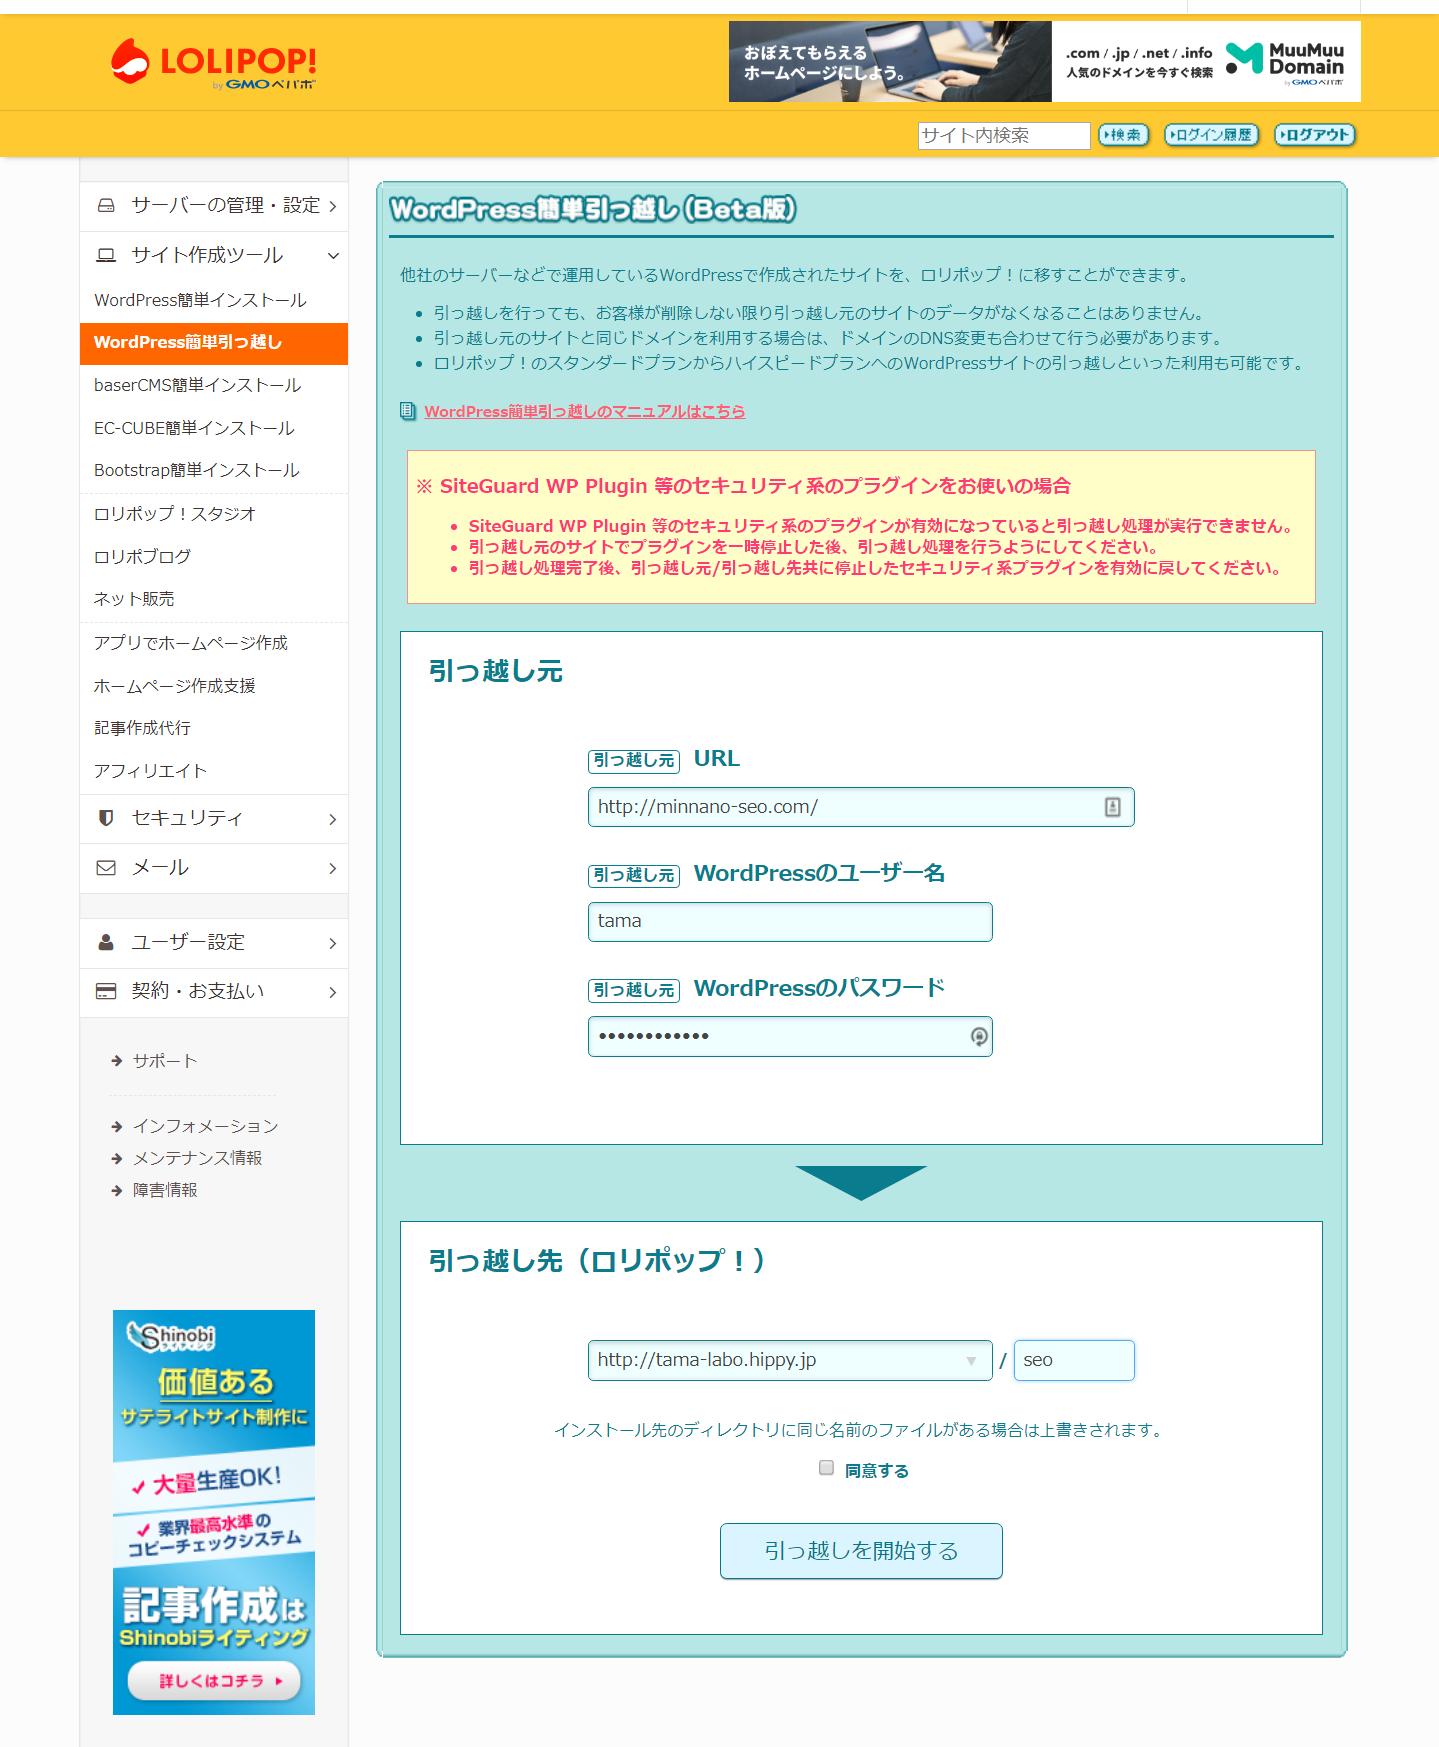 ロリポップ簡単Wordpress移行画面